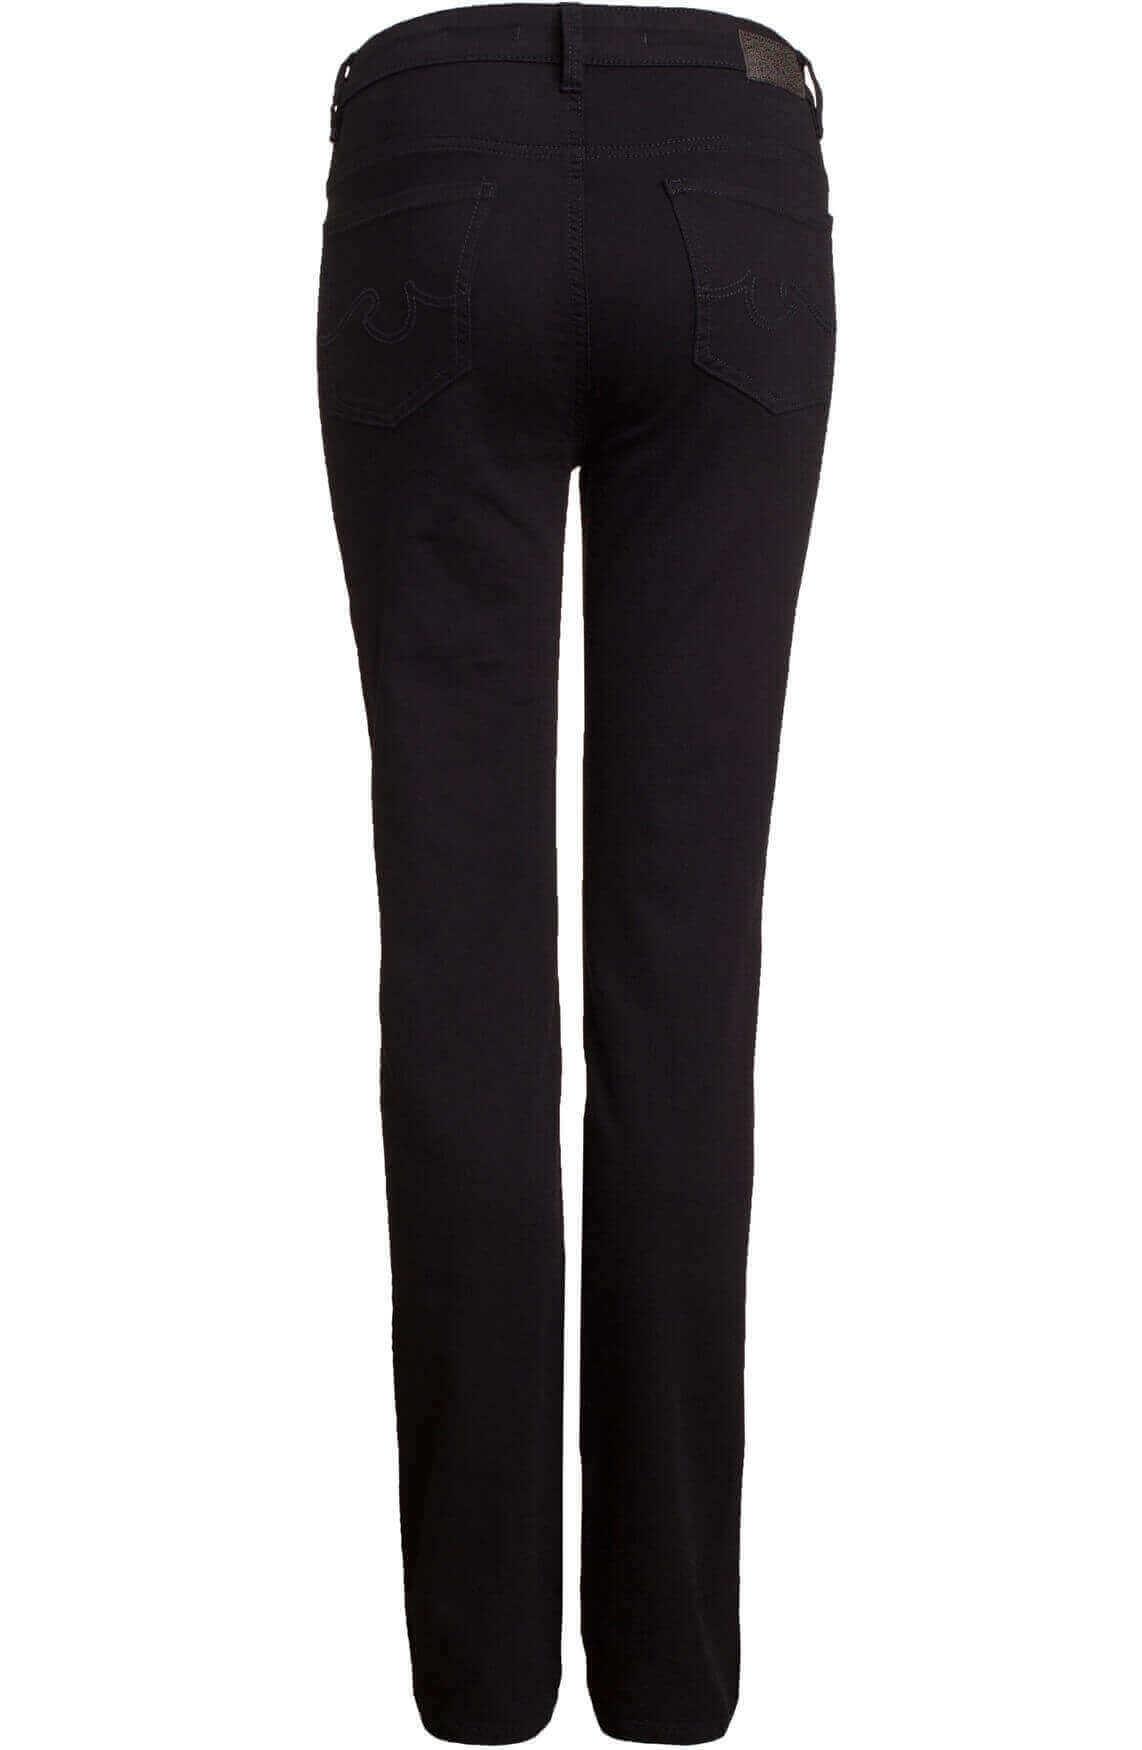 Rosner Dames L30 Audrey high waist jeans Zwart